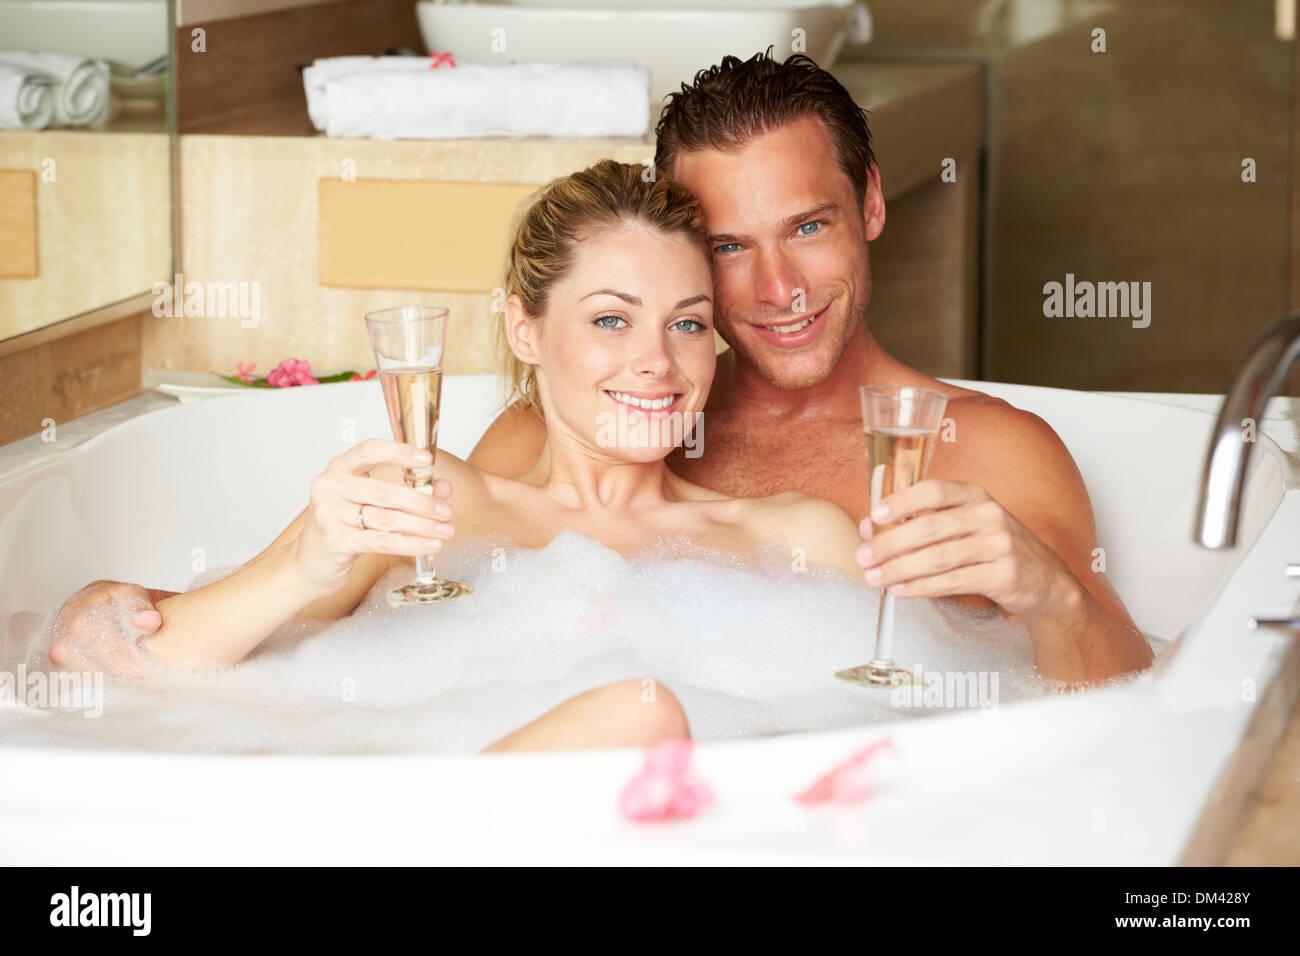 Bagno Romantico In Due giovane relax nella vasca da bagno di bere champagne insieme